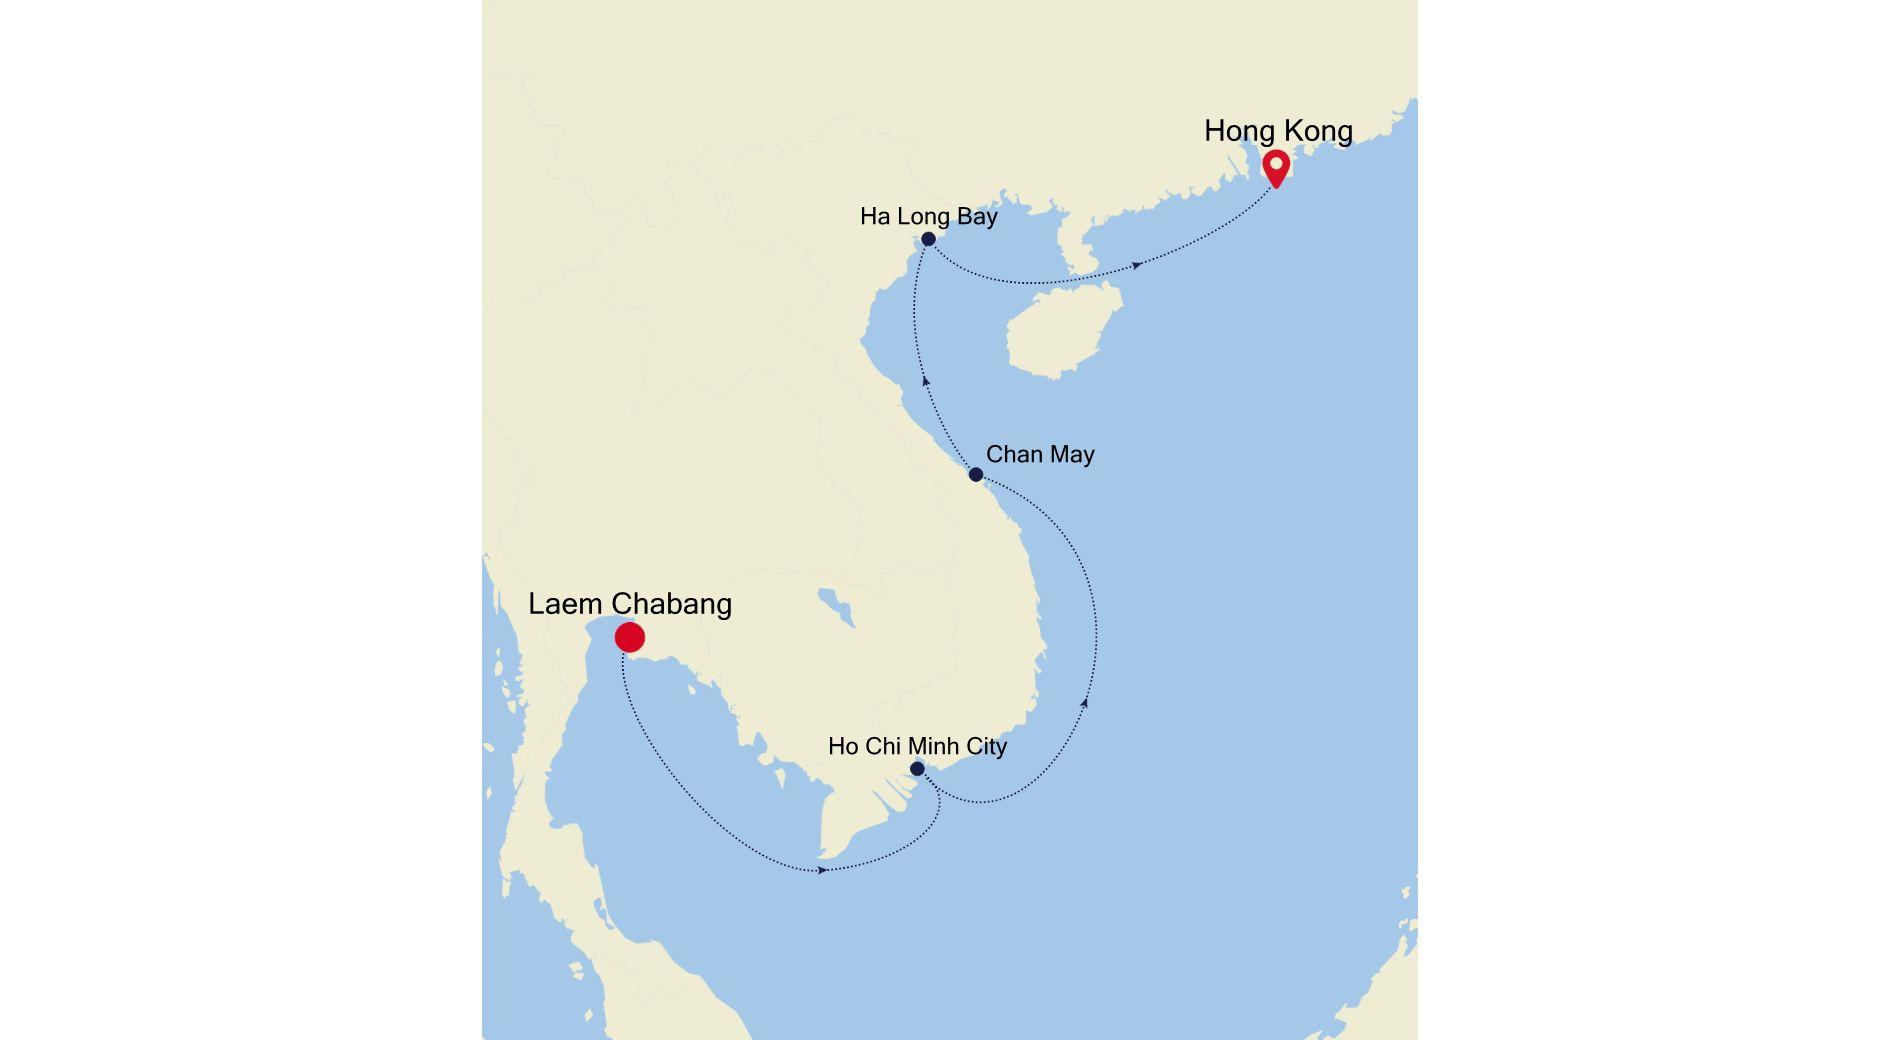 5935C - Laem Chabang to Hong Kong